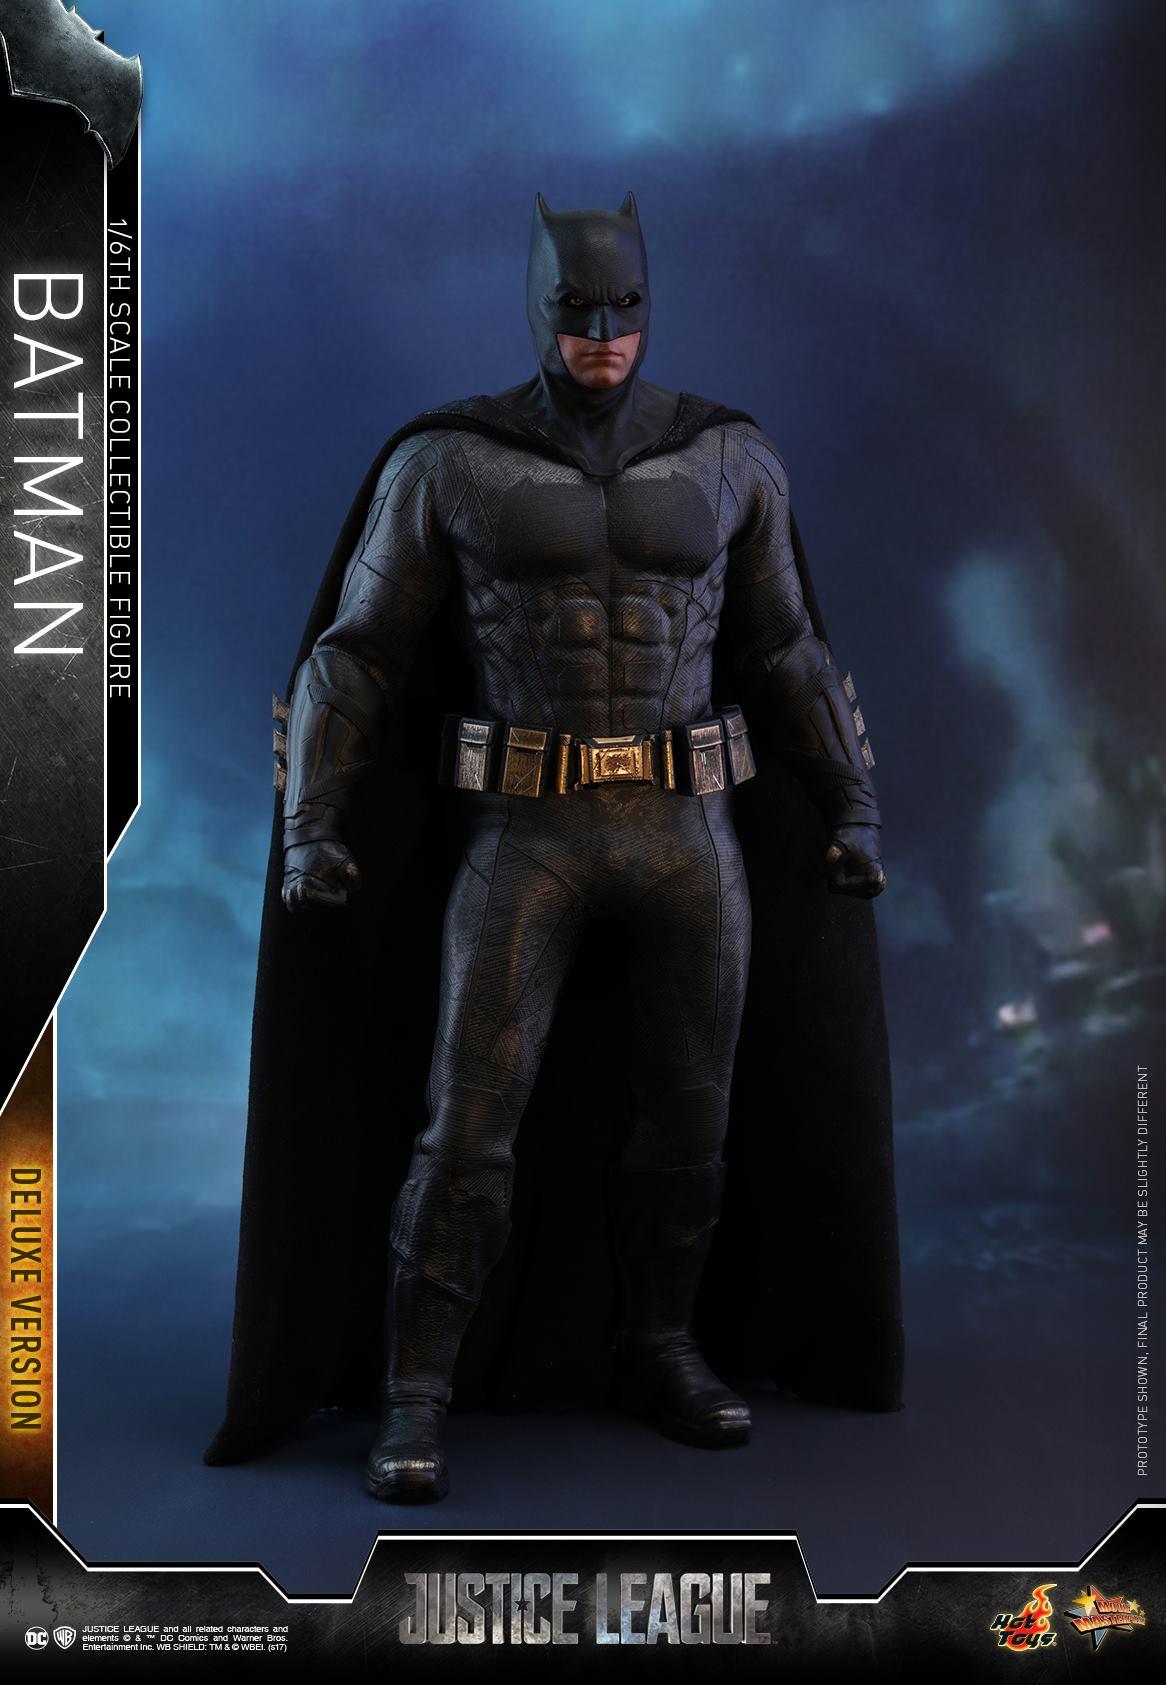 Hot-Toys-Deluxe-Batman-Justice-League-011